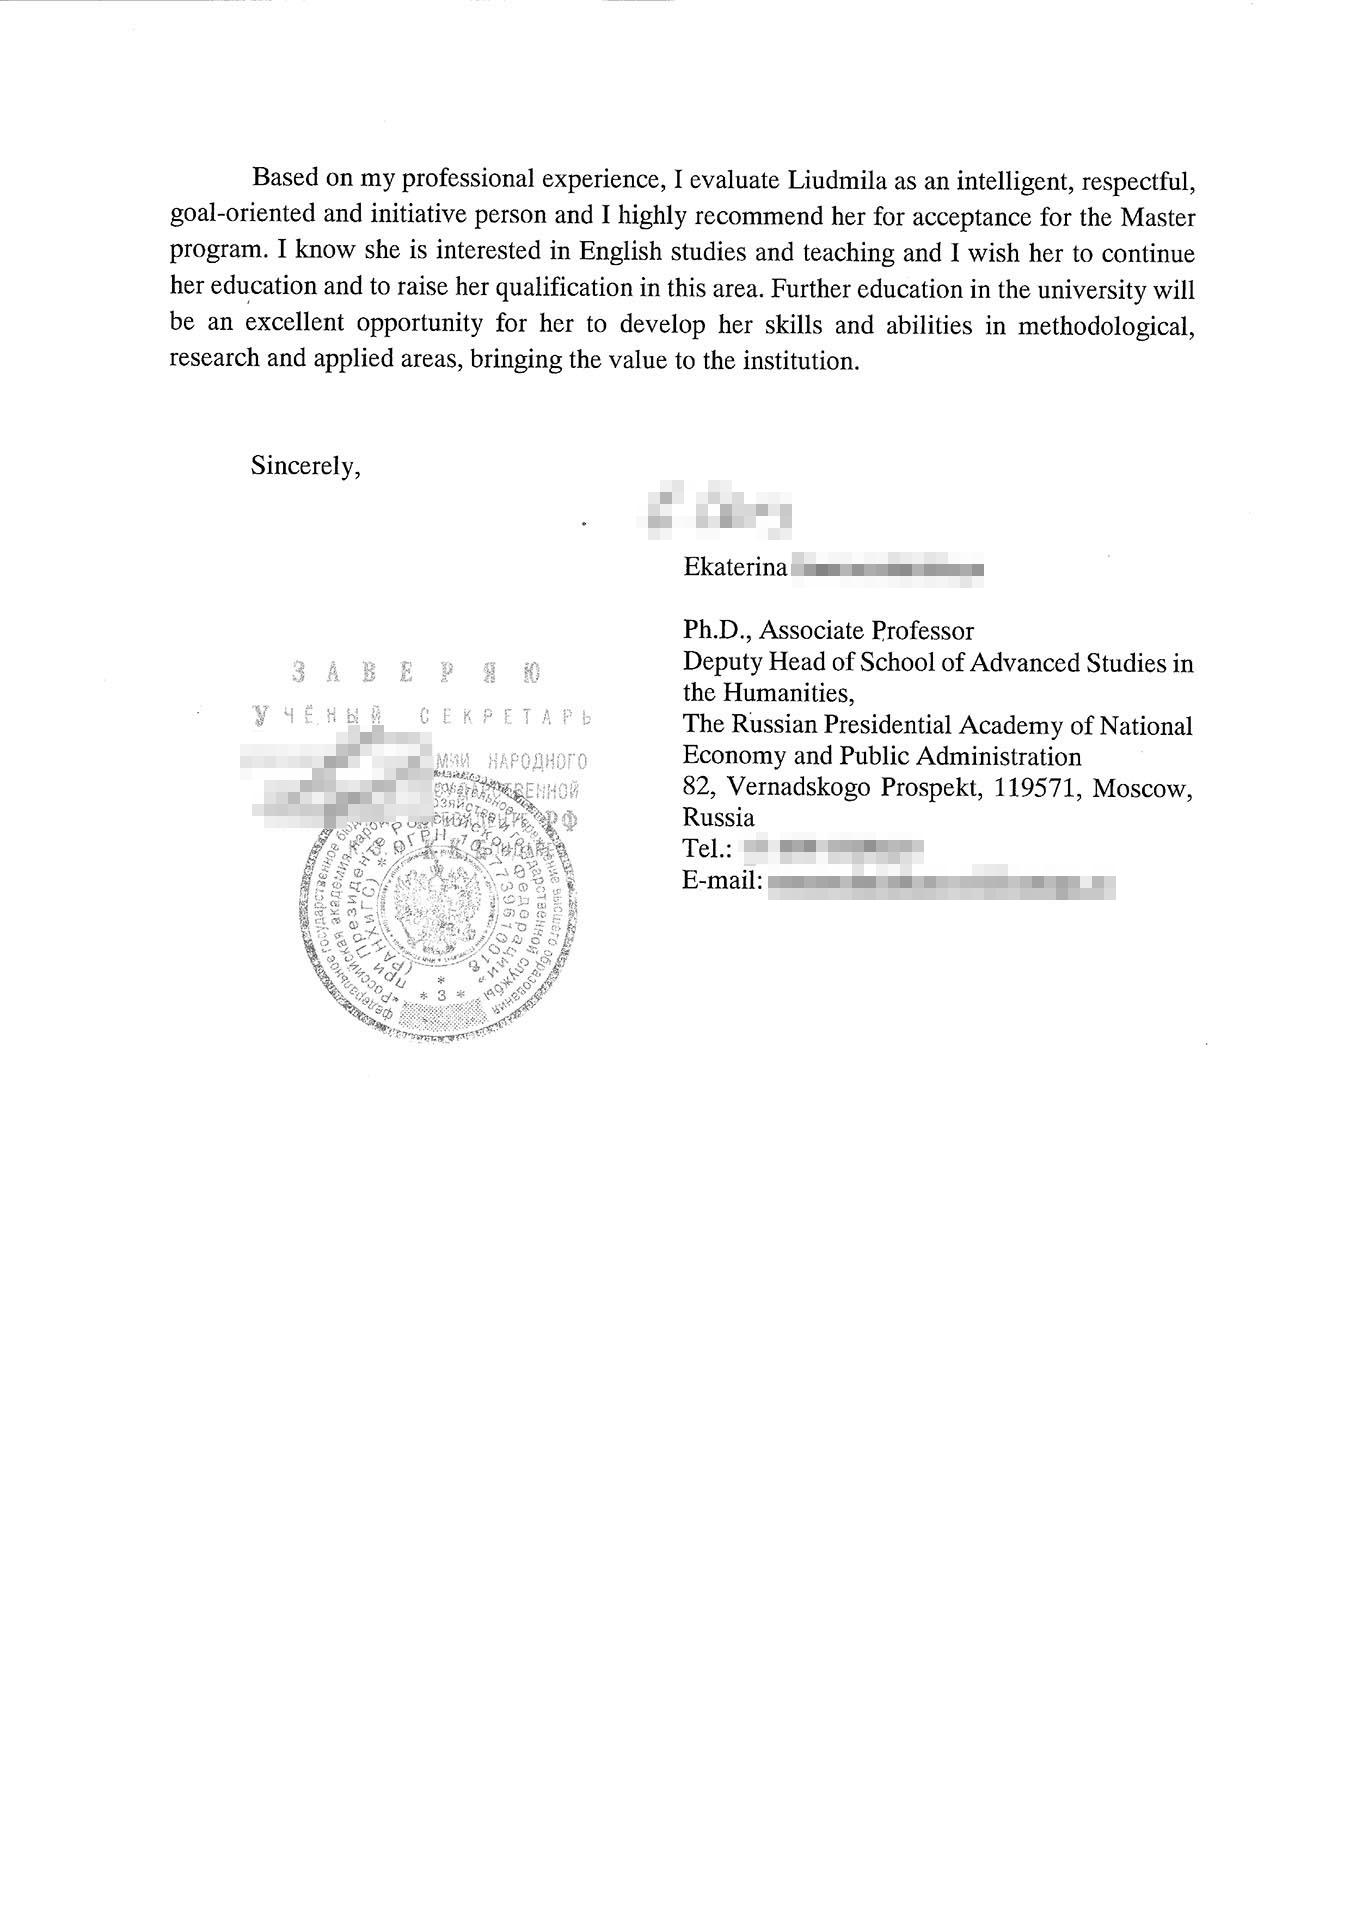 На момент написания этого документа моя референт уже не работала в РГГУ и поставила печати другого университета, но в приемной комиссии, по-видимому, на эту деталь не обратили внимание